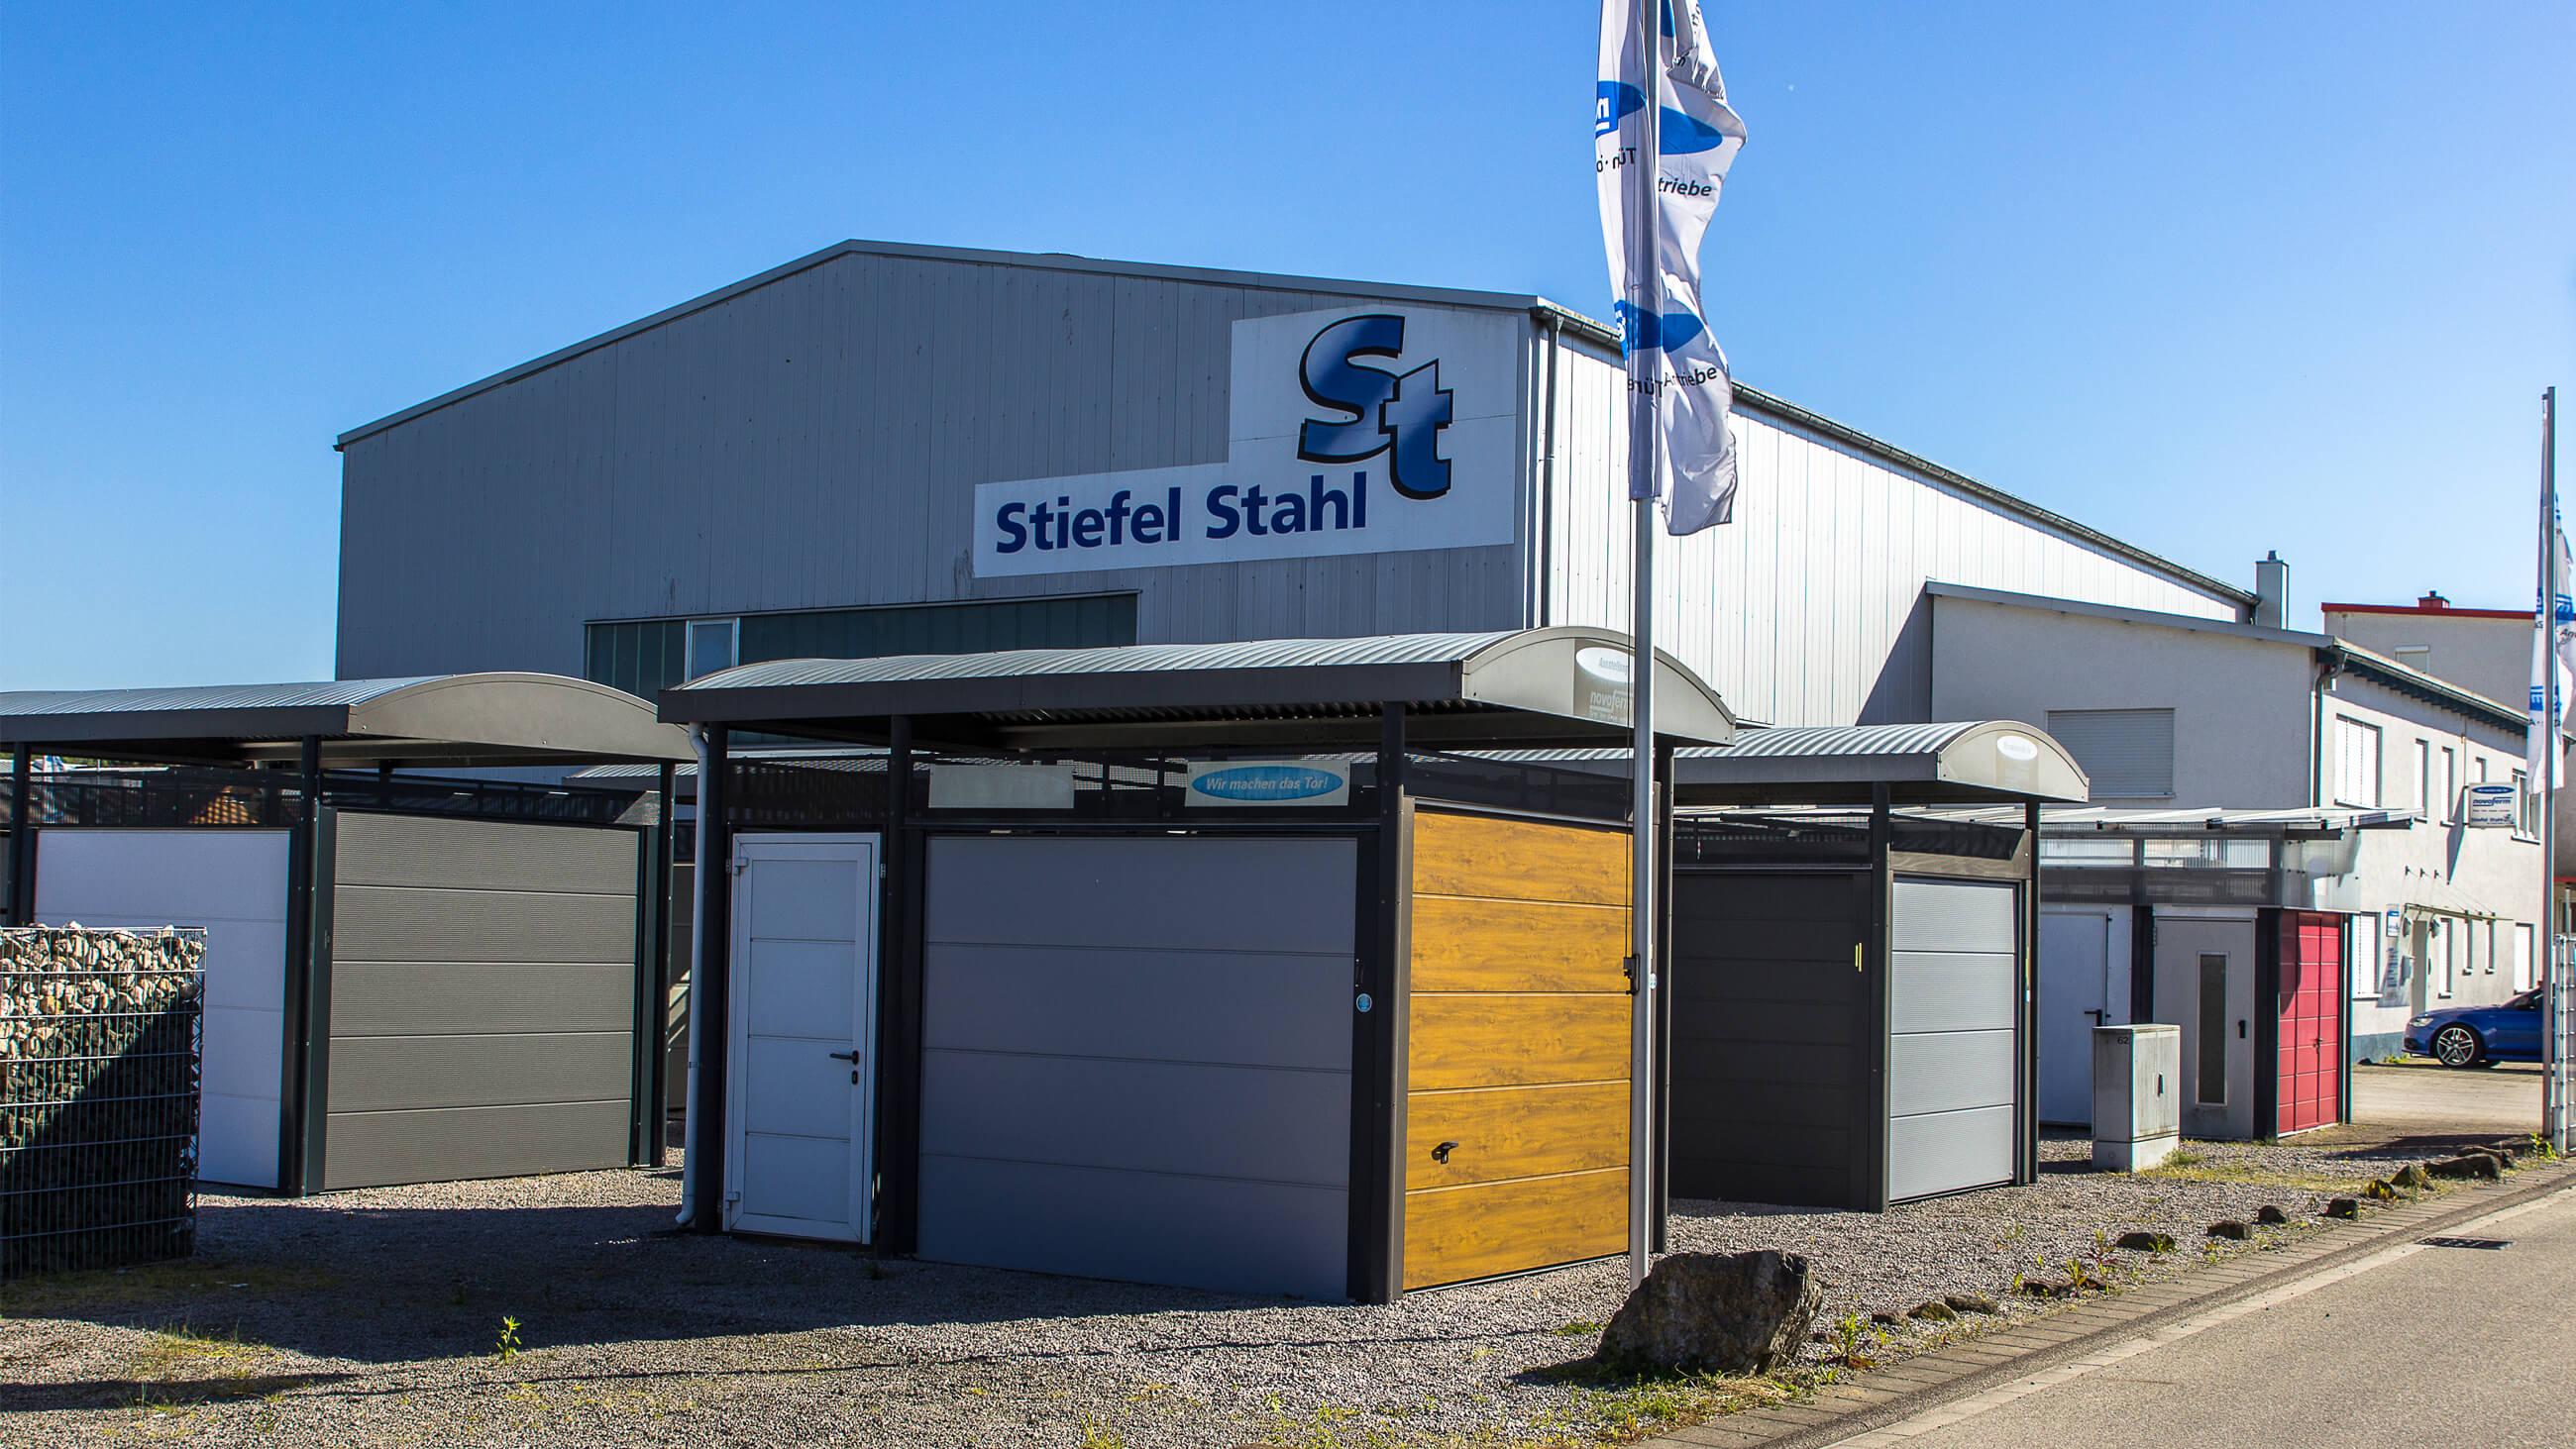 Stiefel Stahl GmbH & Co. KG - Willkommen